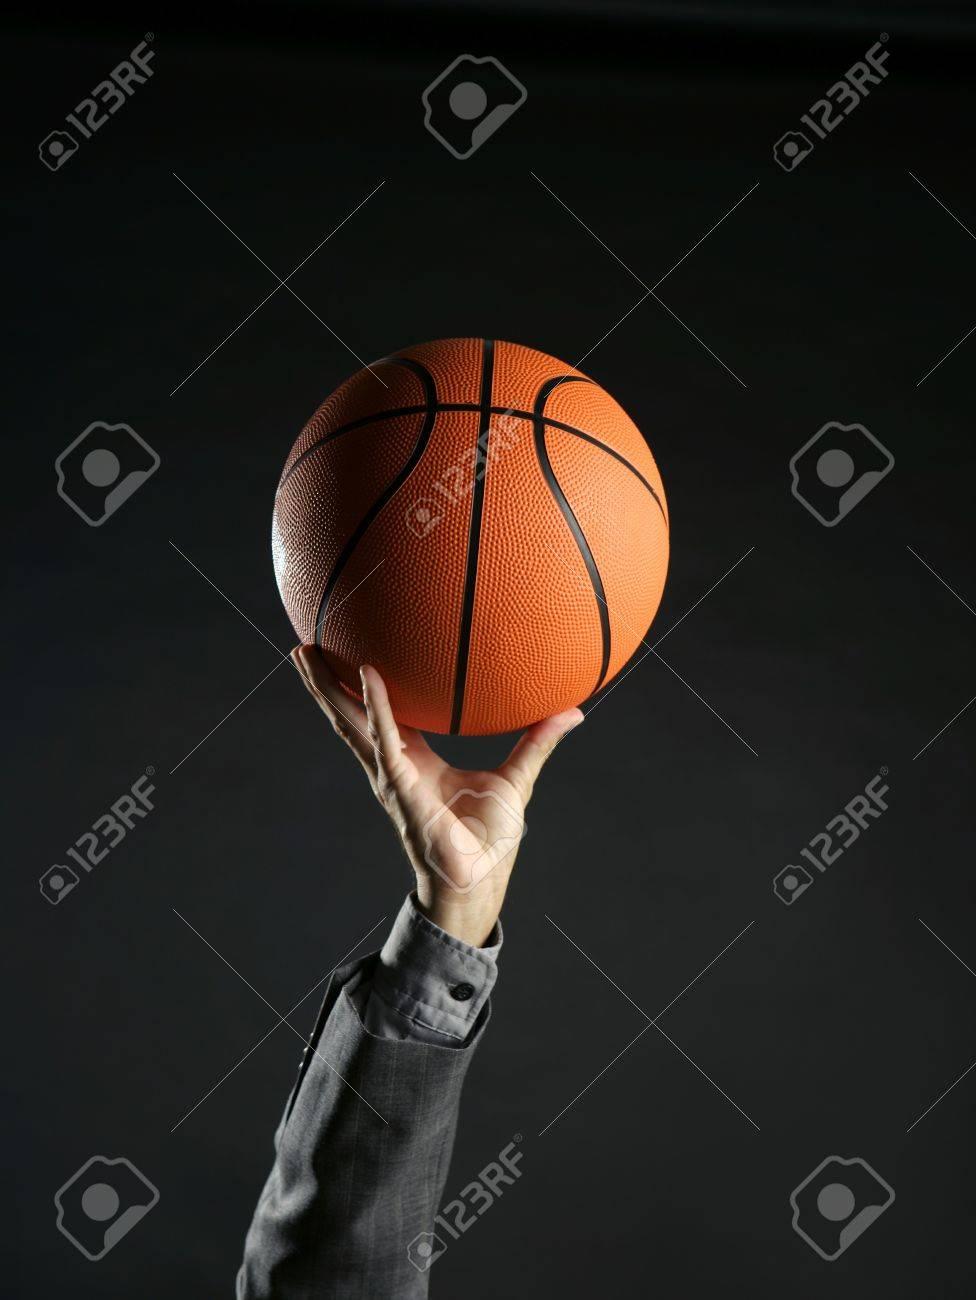 Businessman with basketball ball, teamwork, leadership metaphor Stock Photo - 4097058